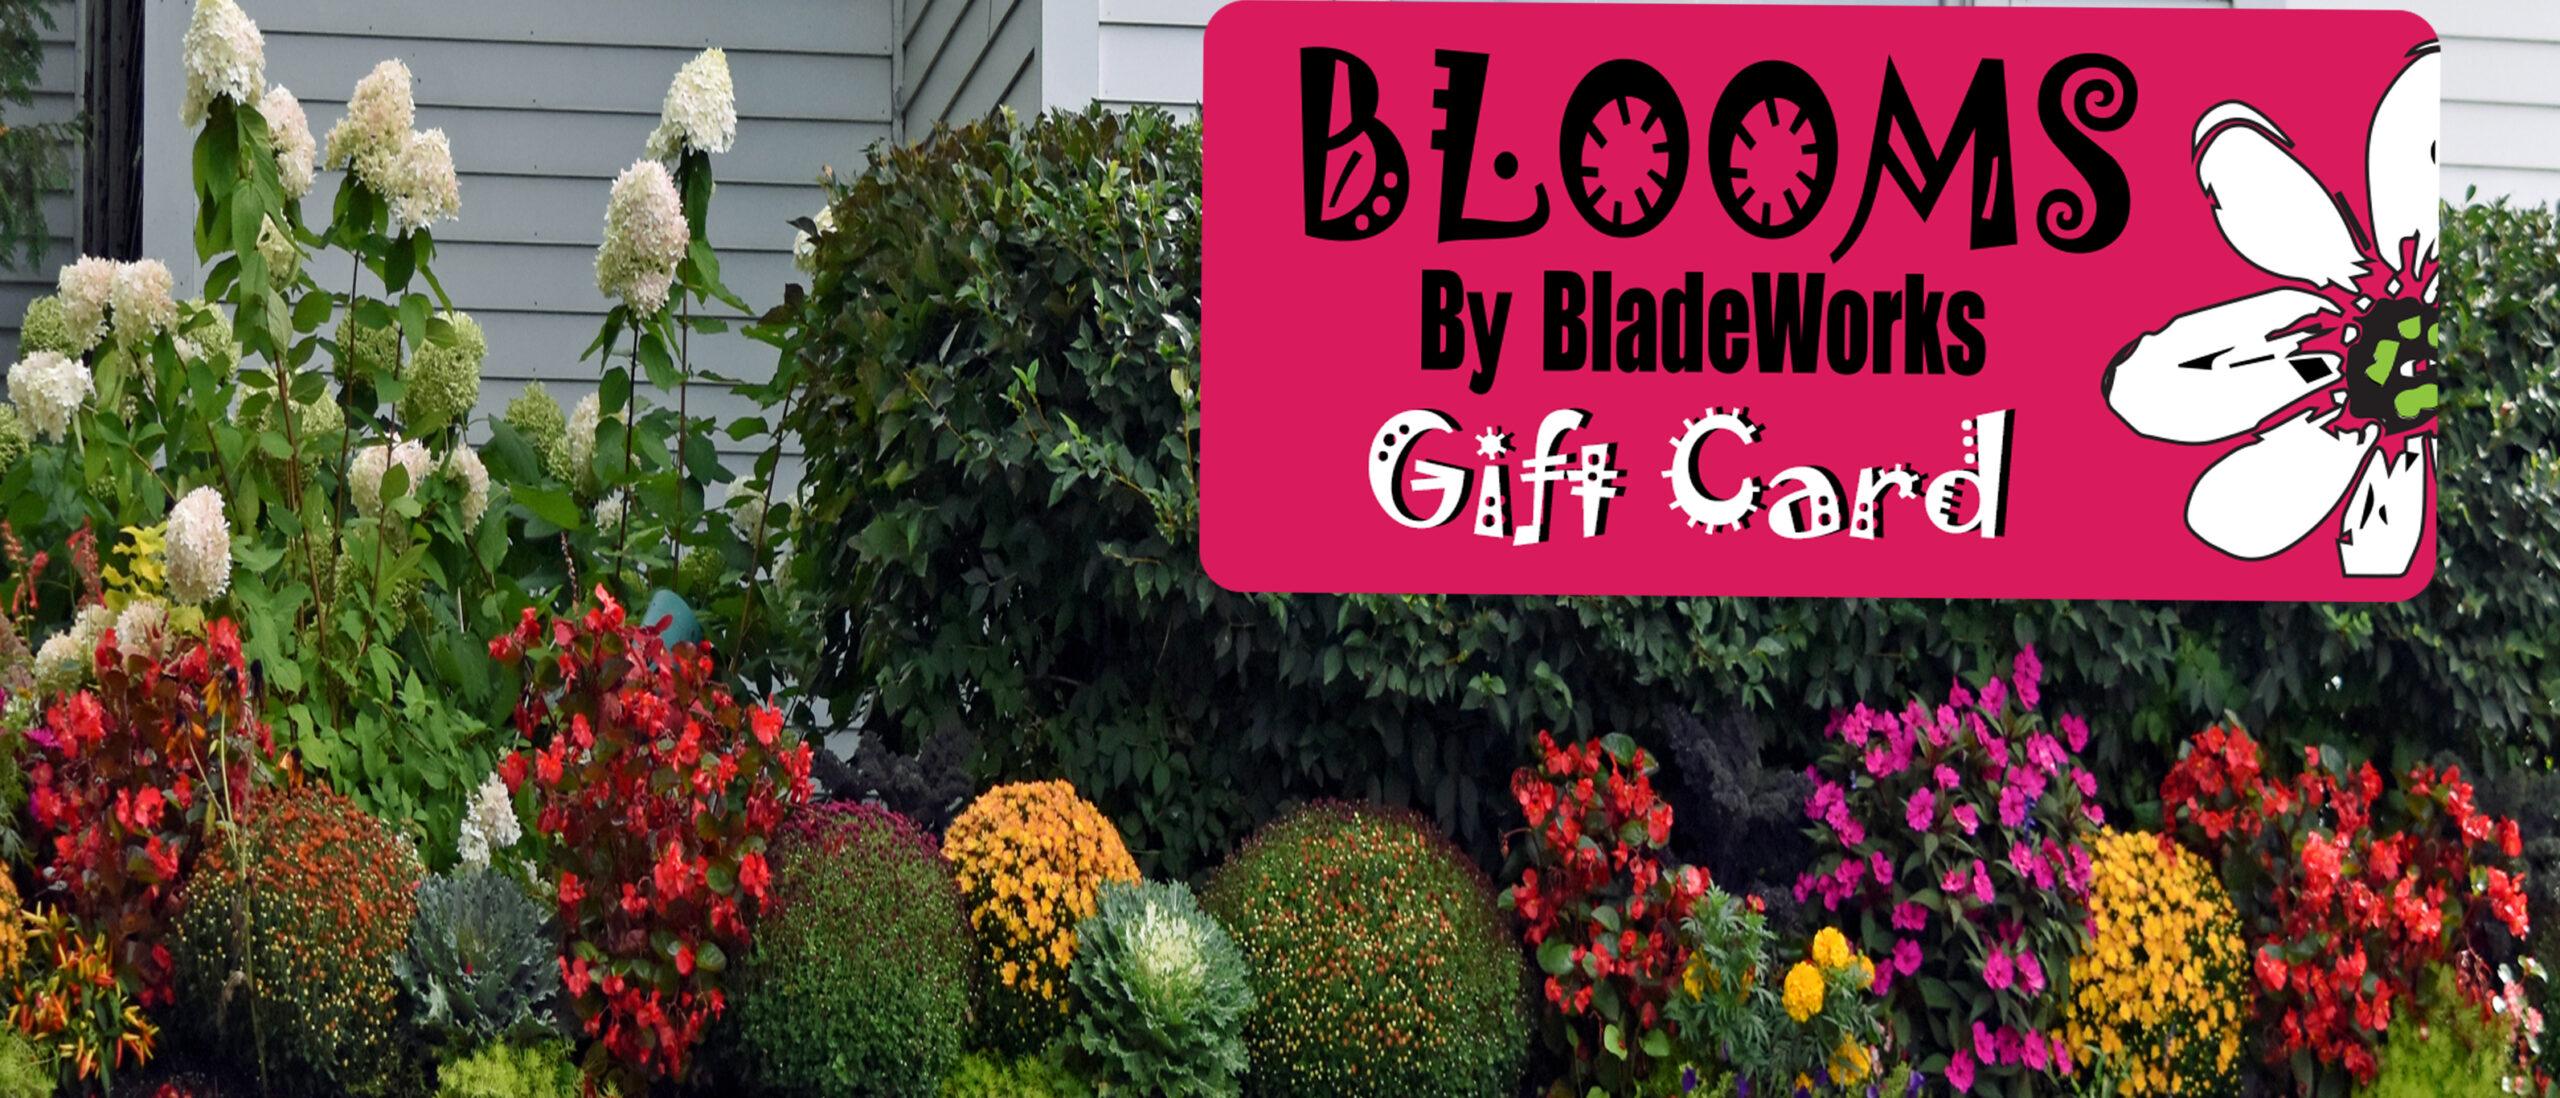 Gift Card Church Garden